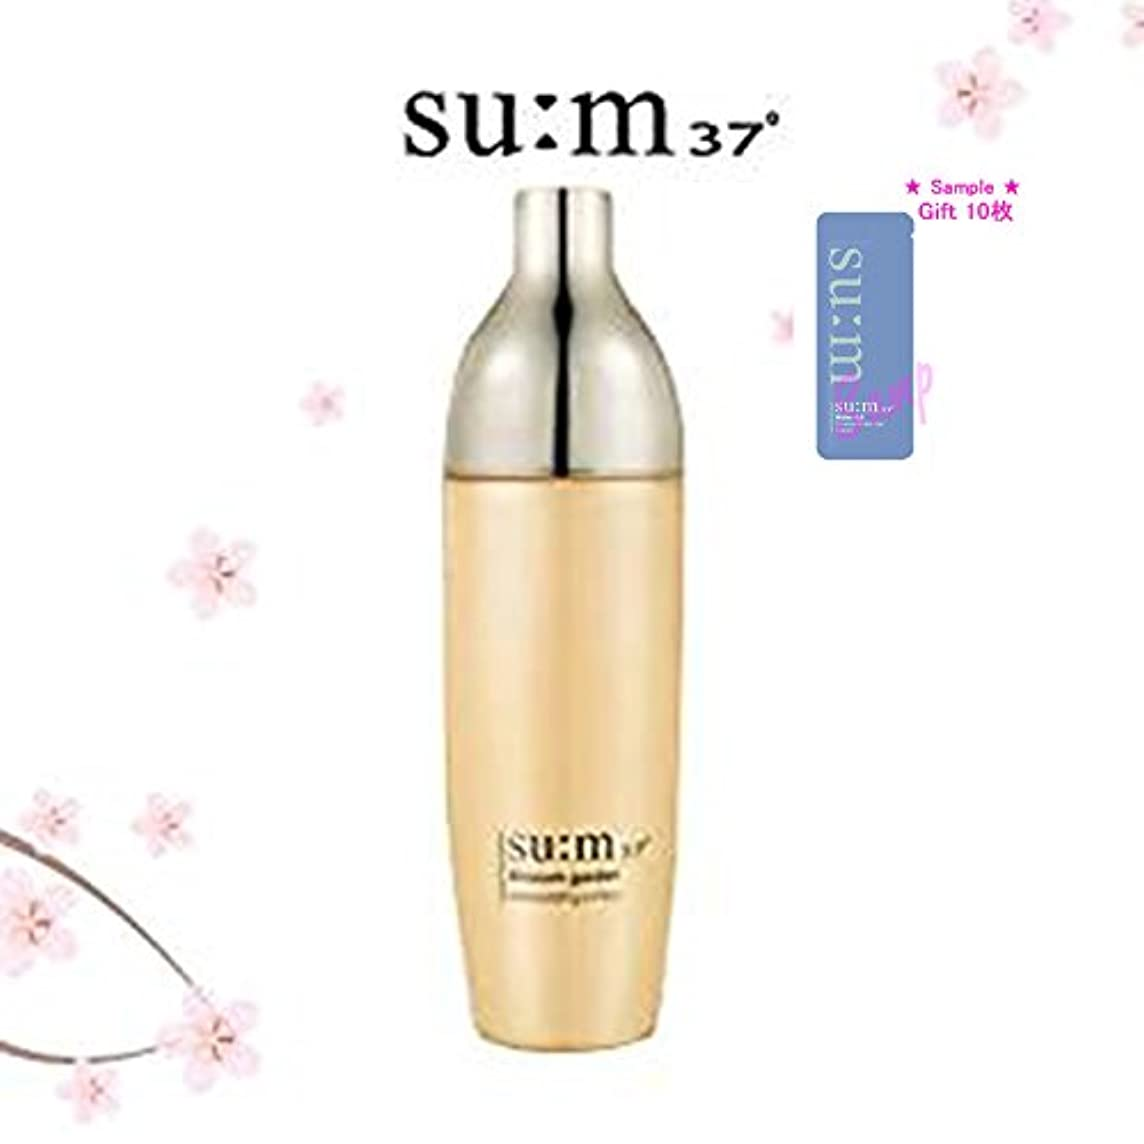 マングル誓約ペンダントsum37(スム37)ブロッサムガーデンモイスチャライジングスキン150ml(blossom garden moisturizing skin)